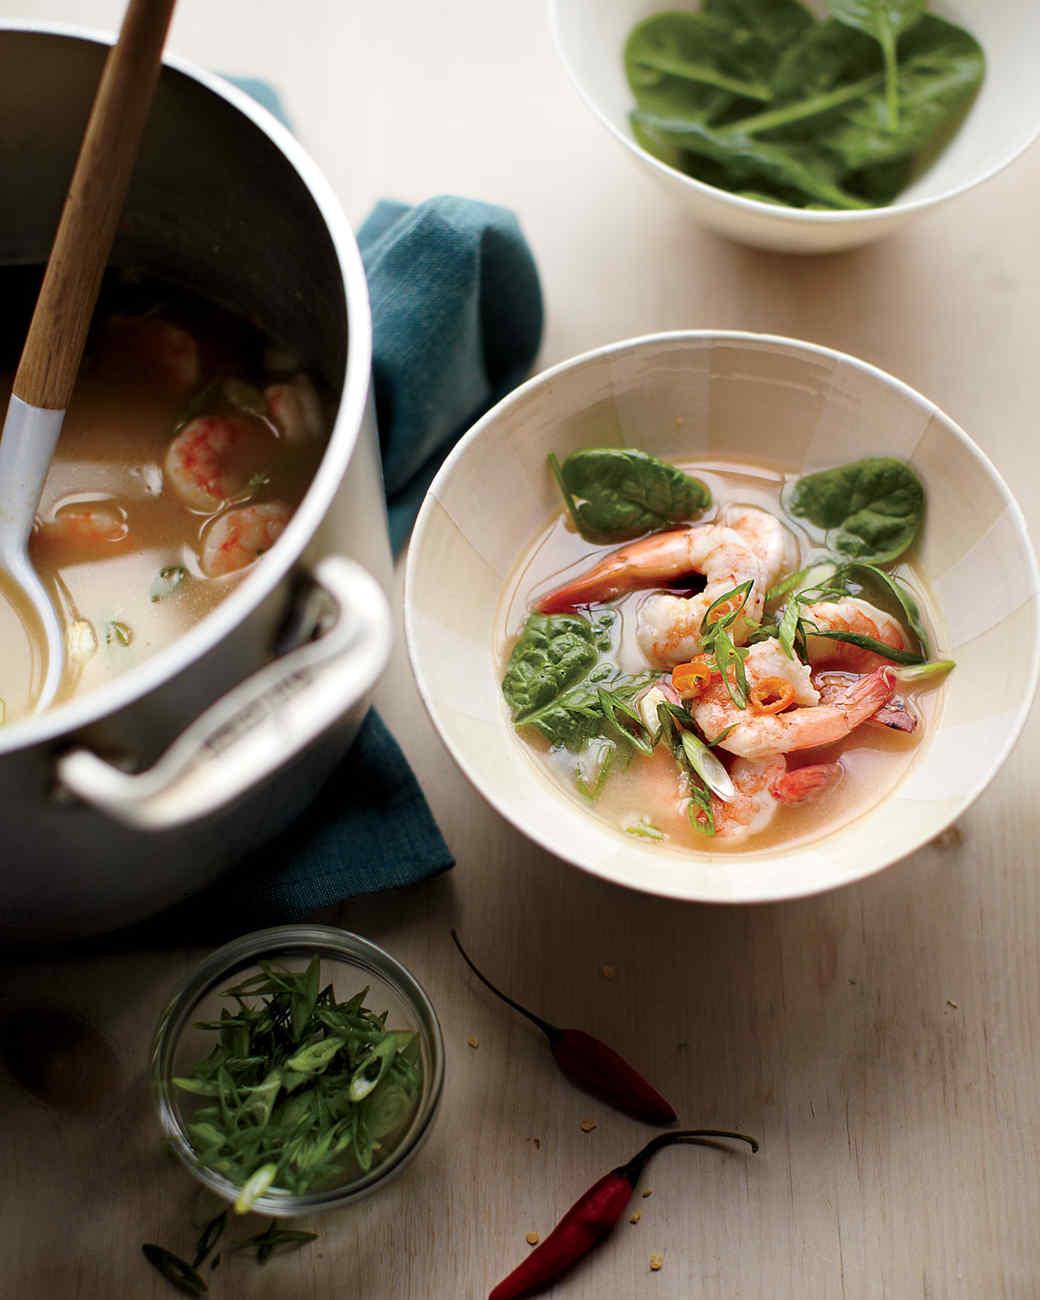 Spicy Peanut-Shrimp Soup